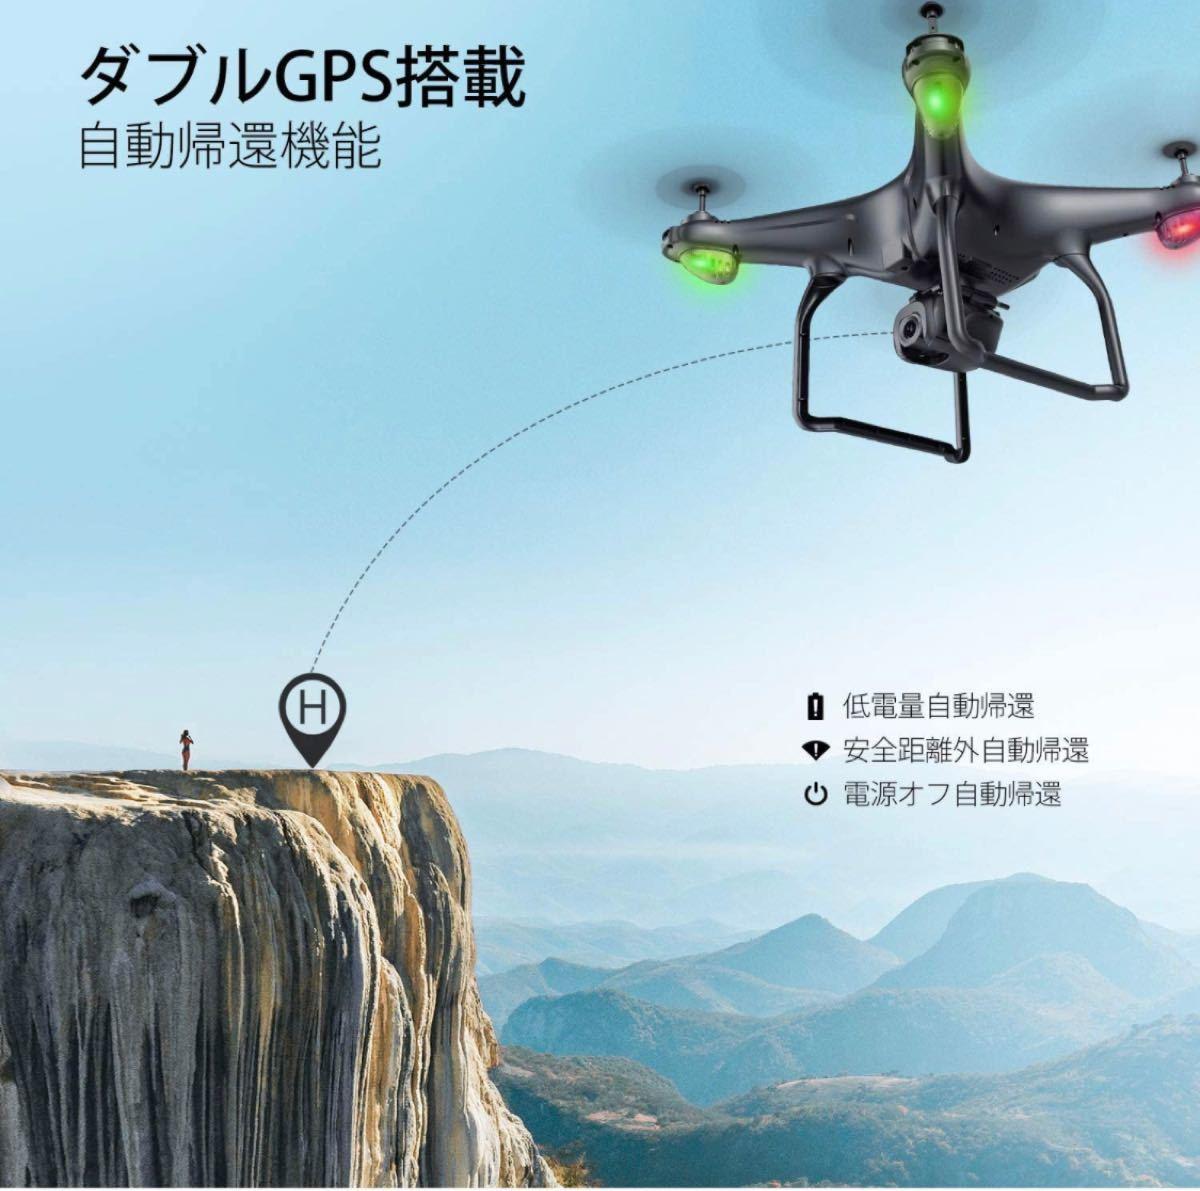 【未飛行品】Potensic ドローン GPS搭載 飛行時間32分間